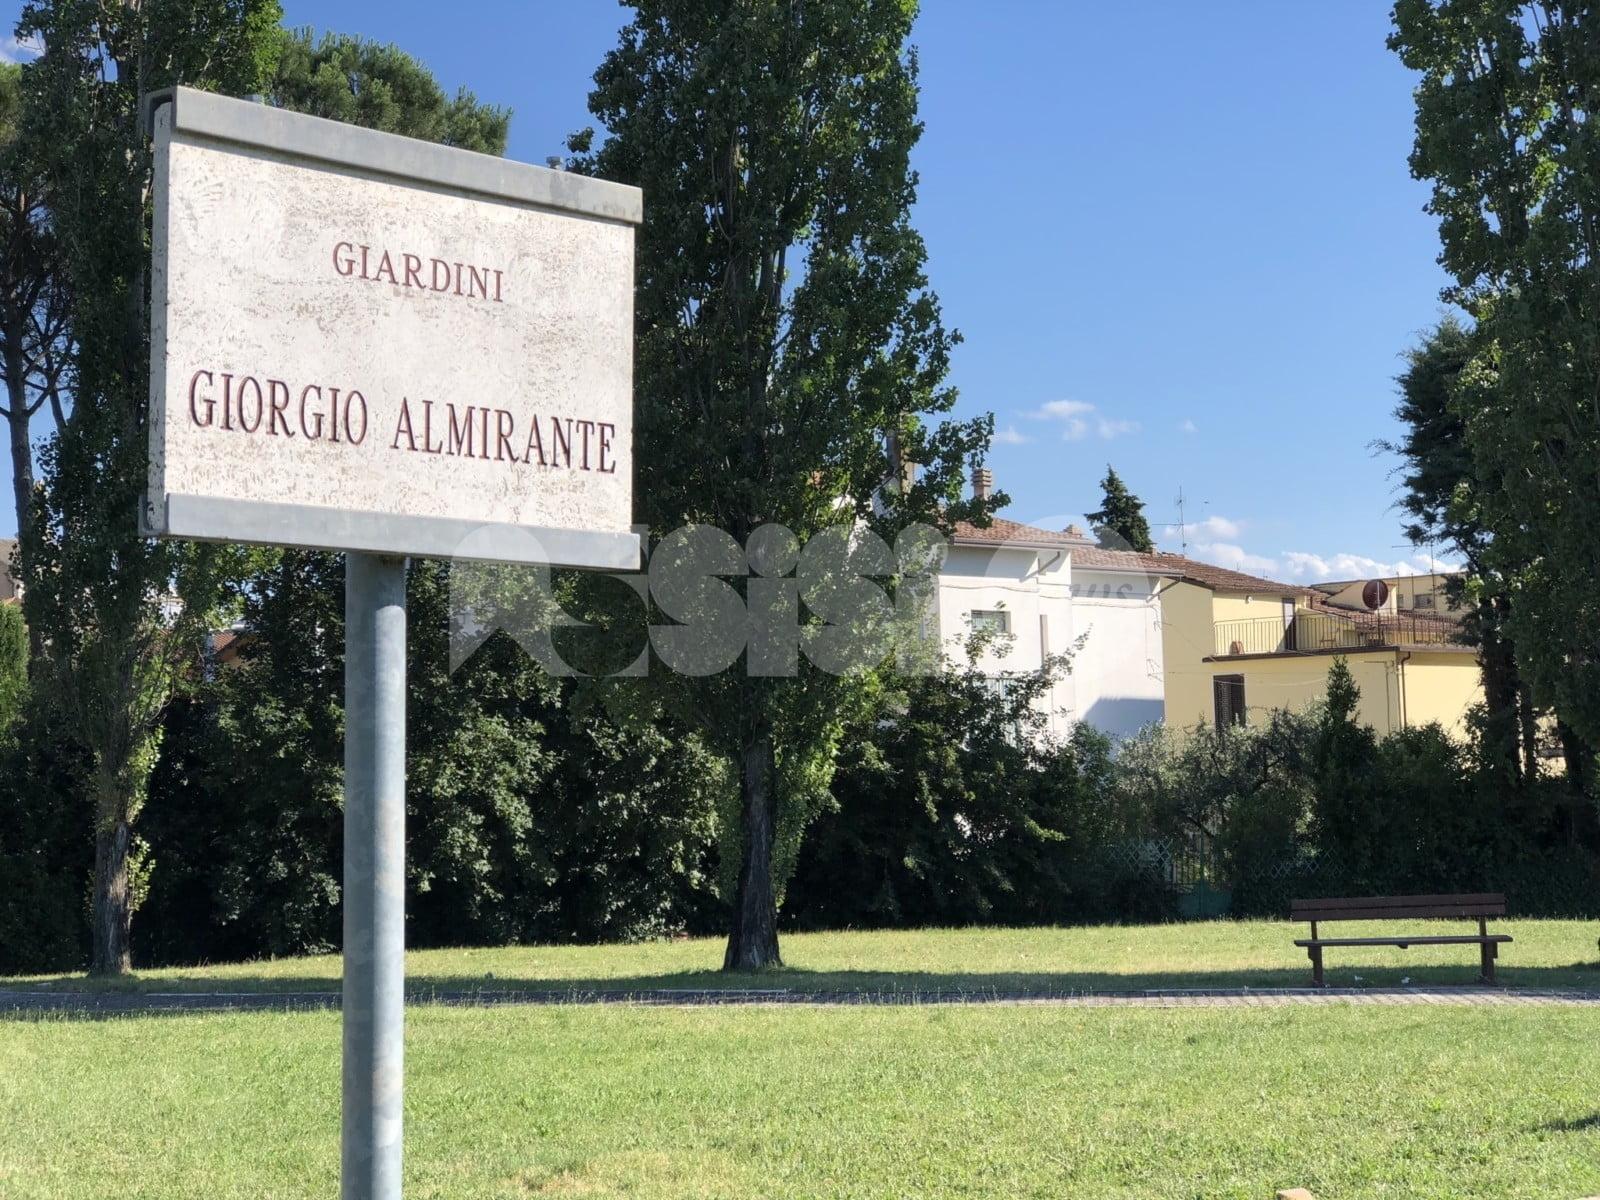 """Giardini Almirante, Anpi Valle Umbra Nord: """"Scelta improvvida della giunta di allora"""""""